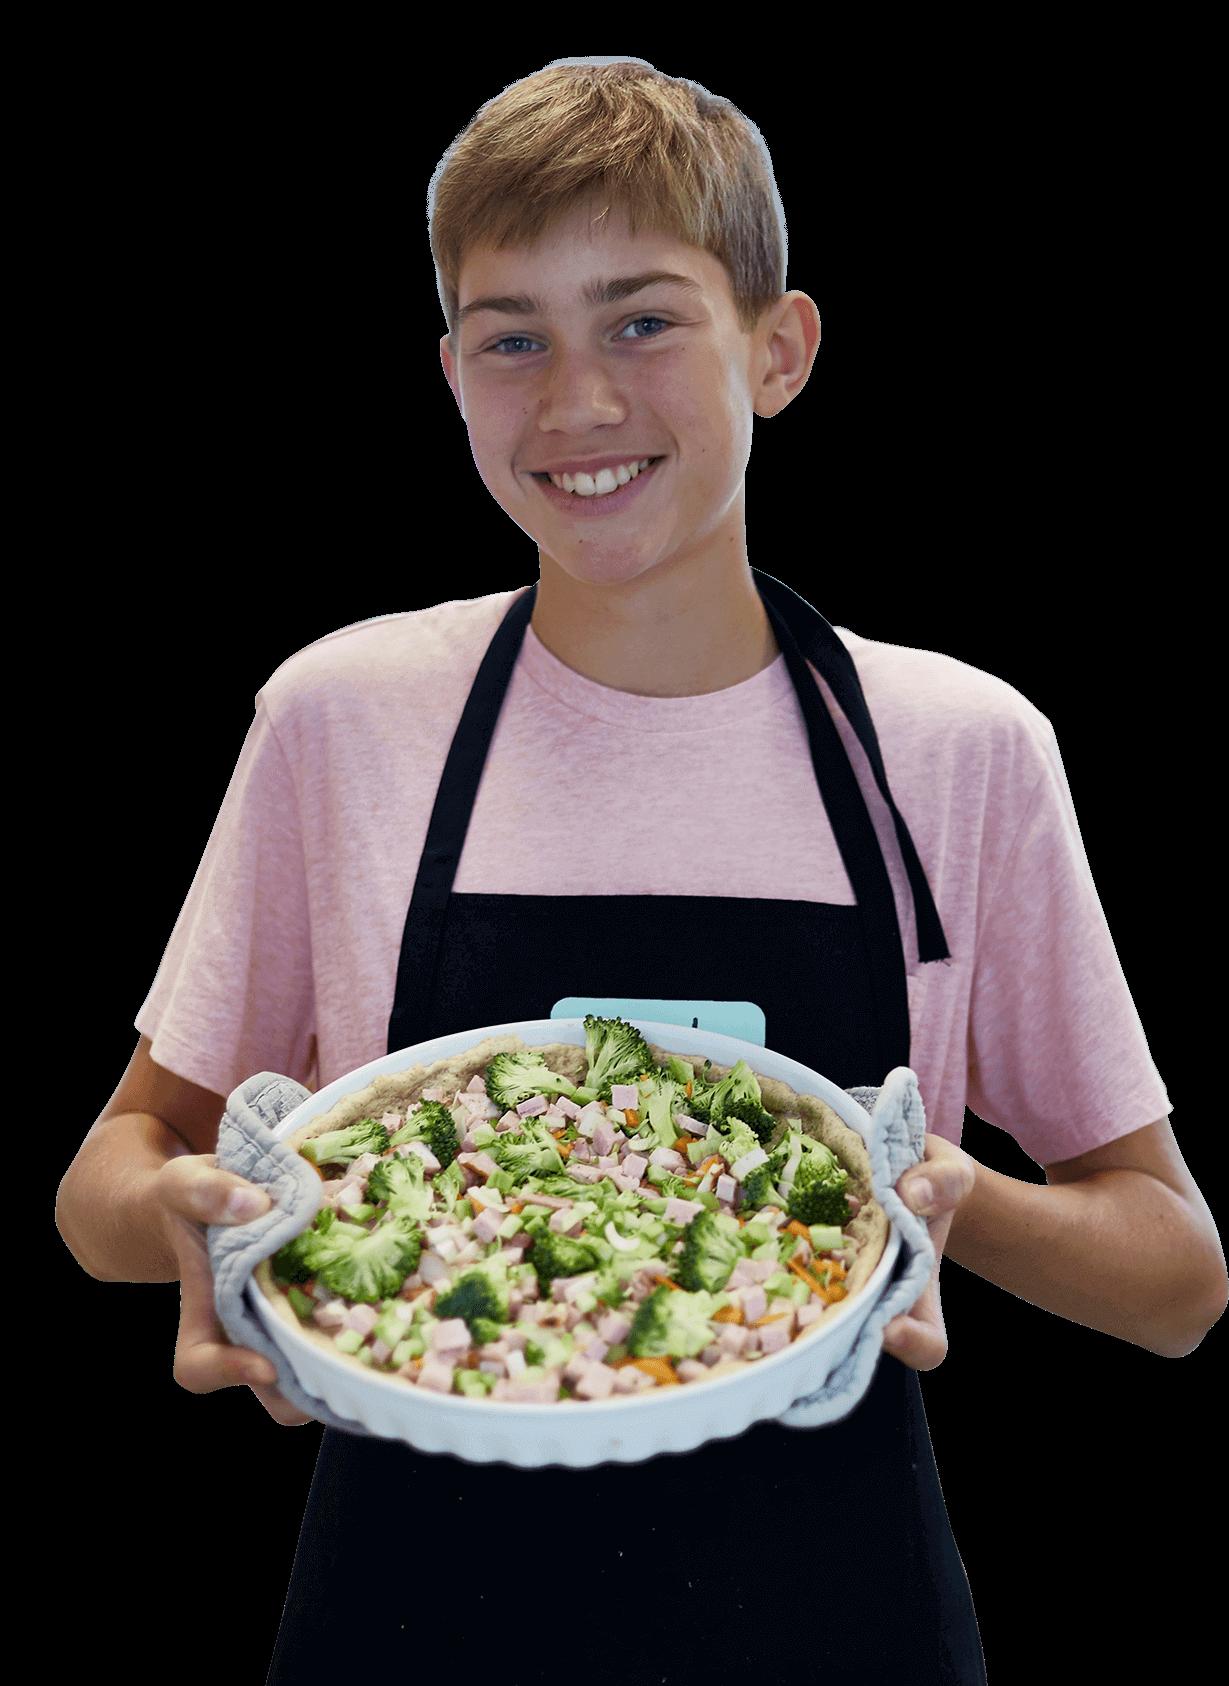 Børn, unge og mad - Dreng med mad